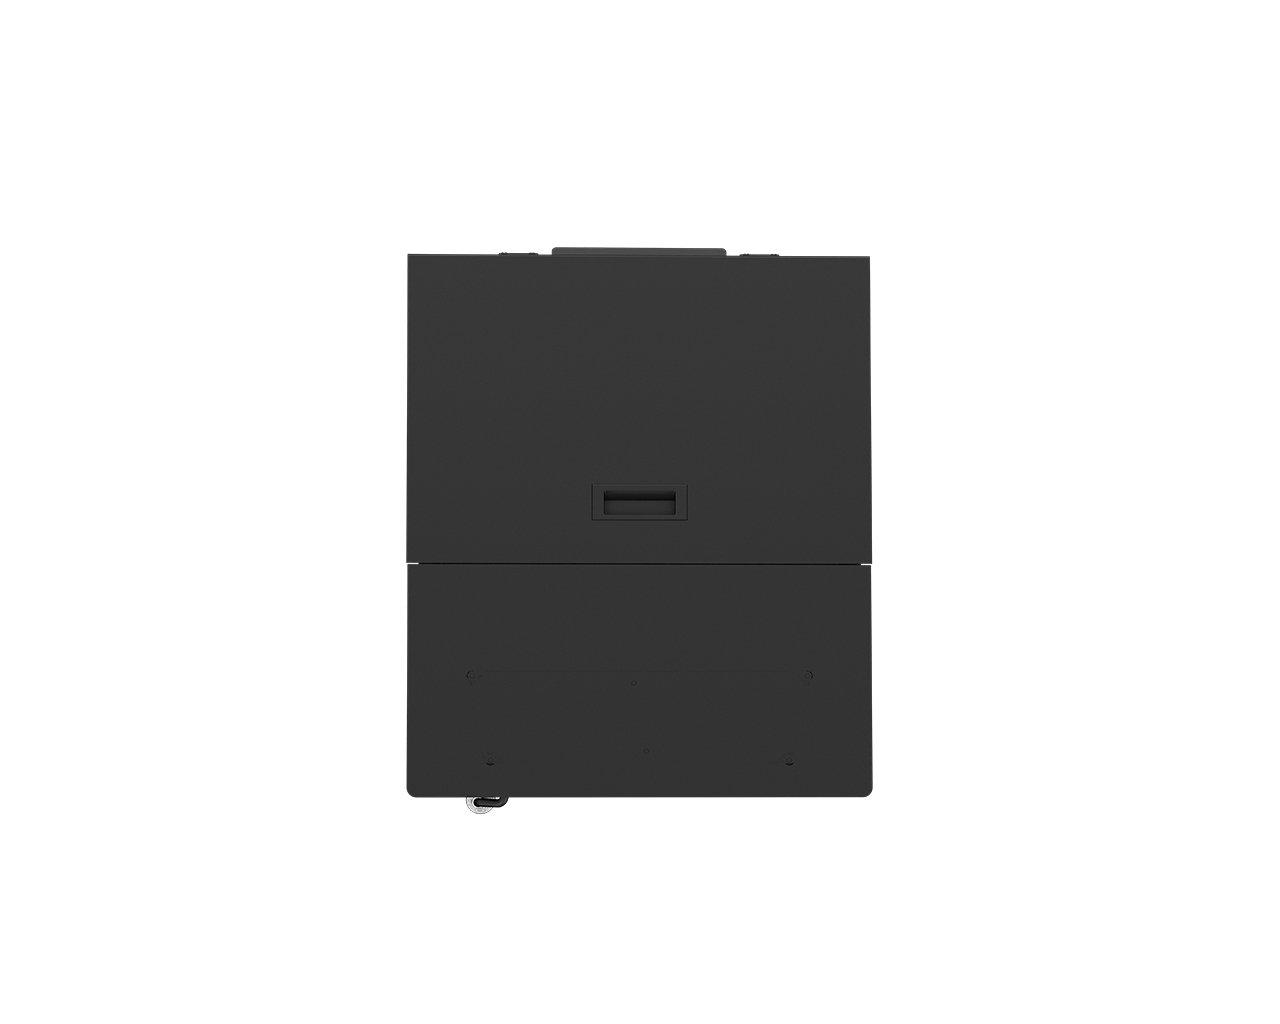 Drolet Eco-65 Pellet Heater - 65,000 BTU, Model# DP00060